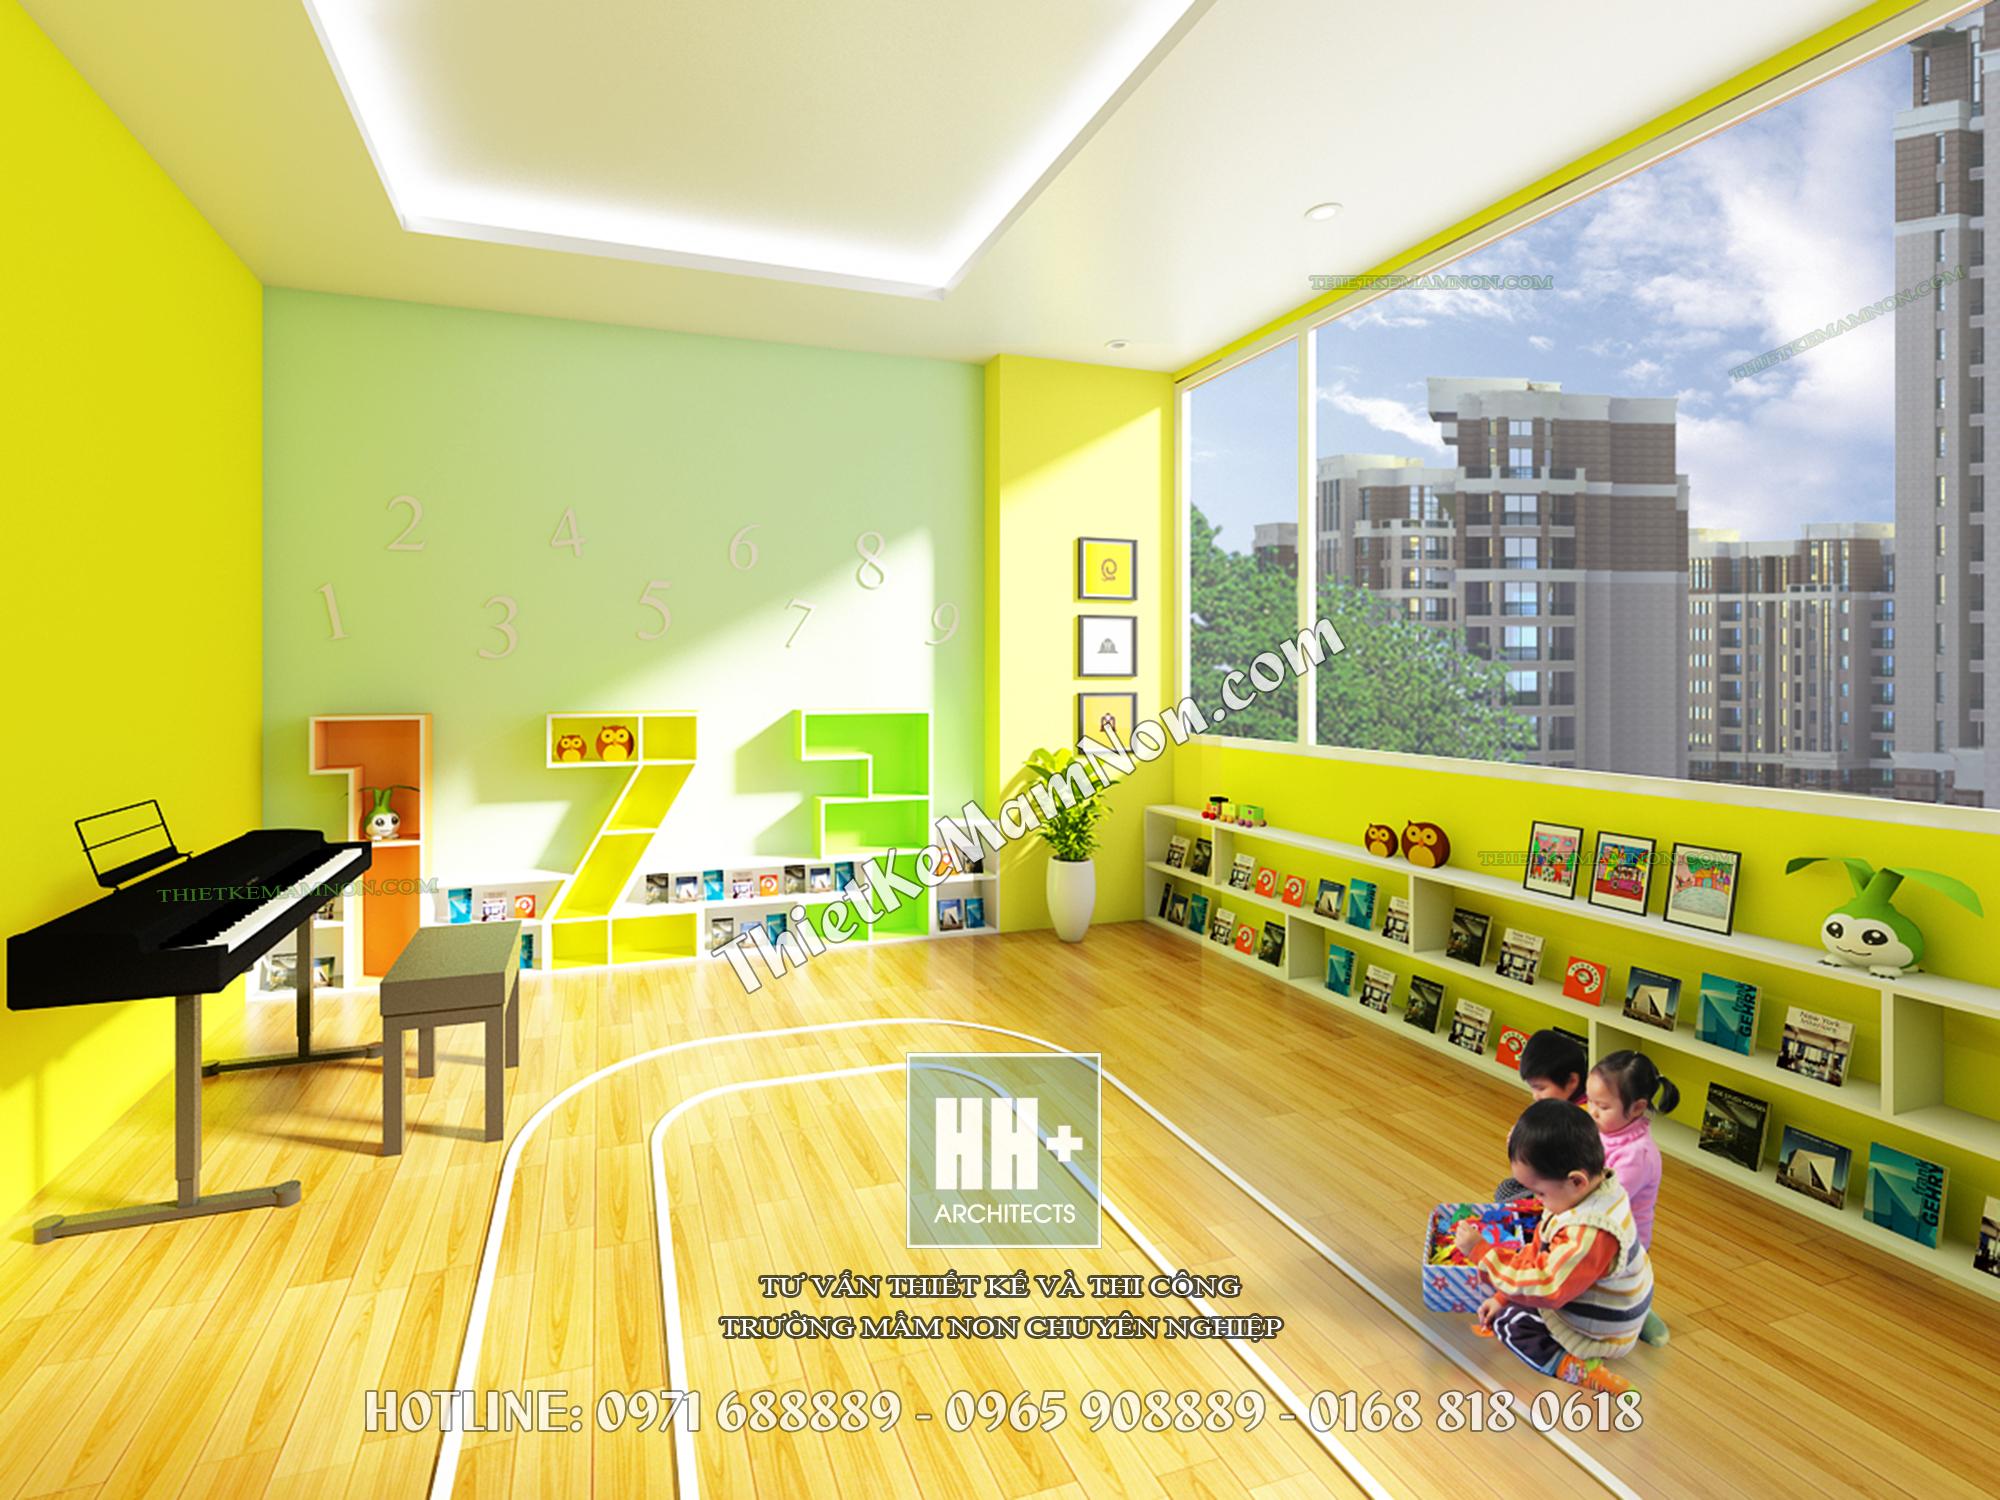 Thiết kế trường mầm non Thiết kế trường mầm non Thiết kế trường mầm non Happy Kids 3 2